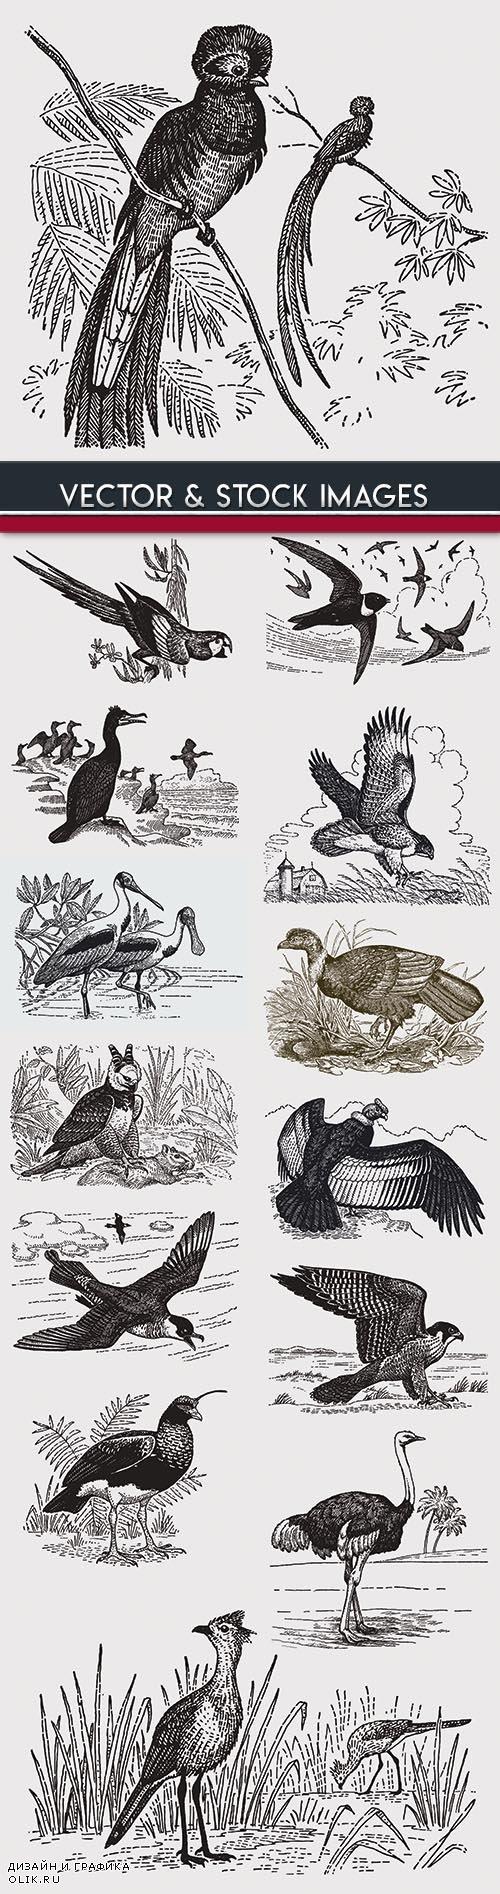 Birds drawn engravings in vintage style